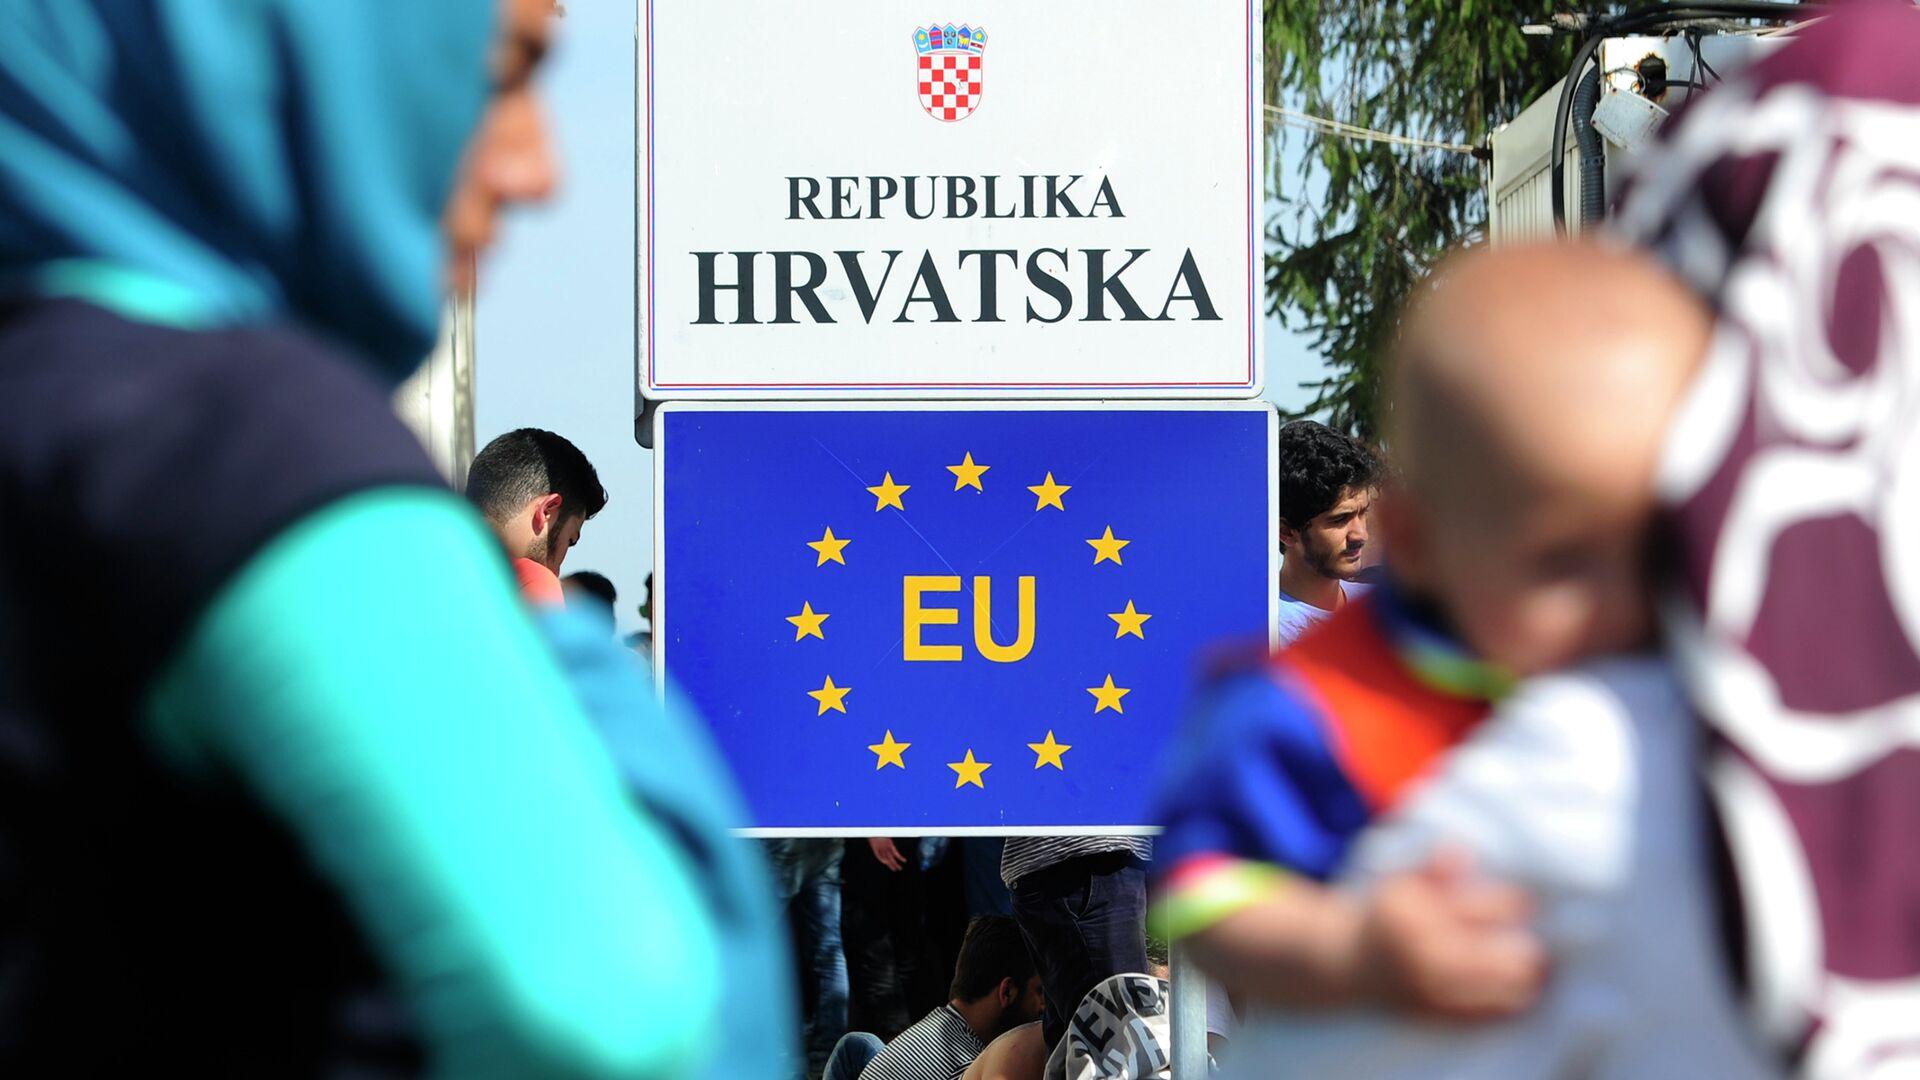 Granični prelaz između Hrvatske i Srbije - Sputnik Srbija, 1920, 08.10.2021